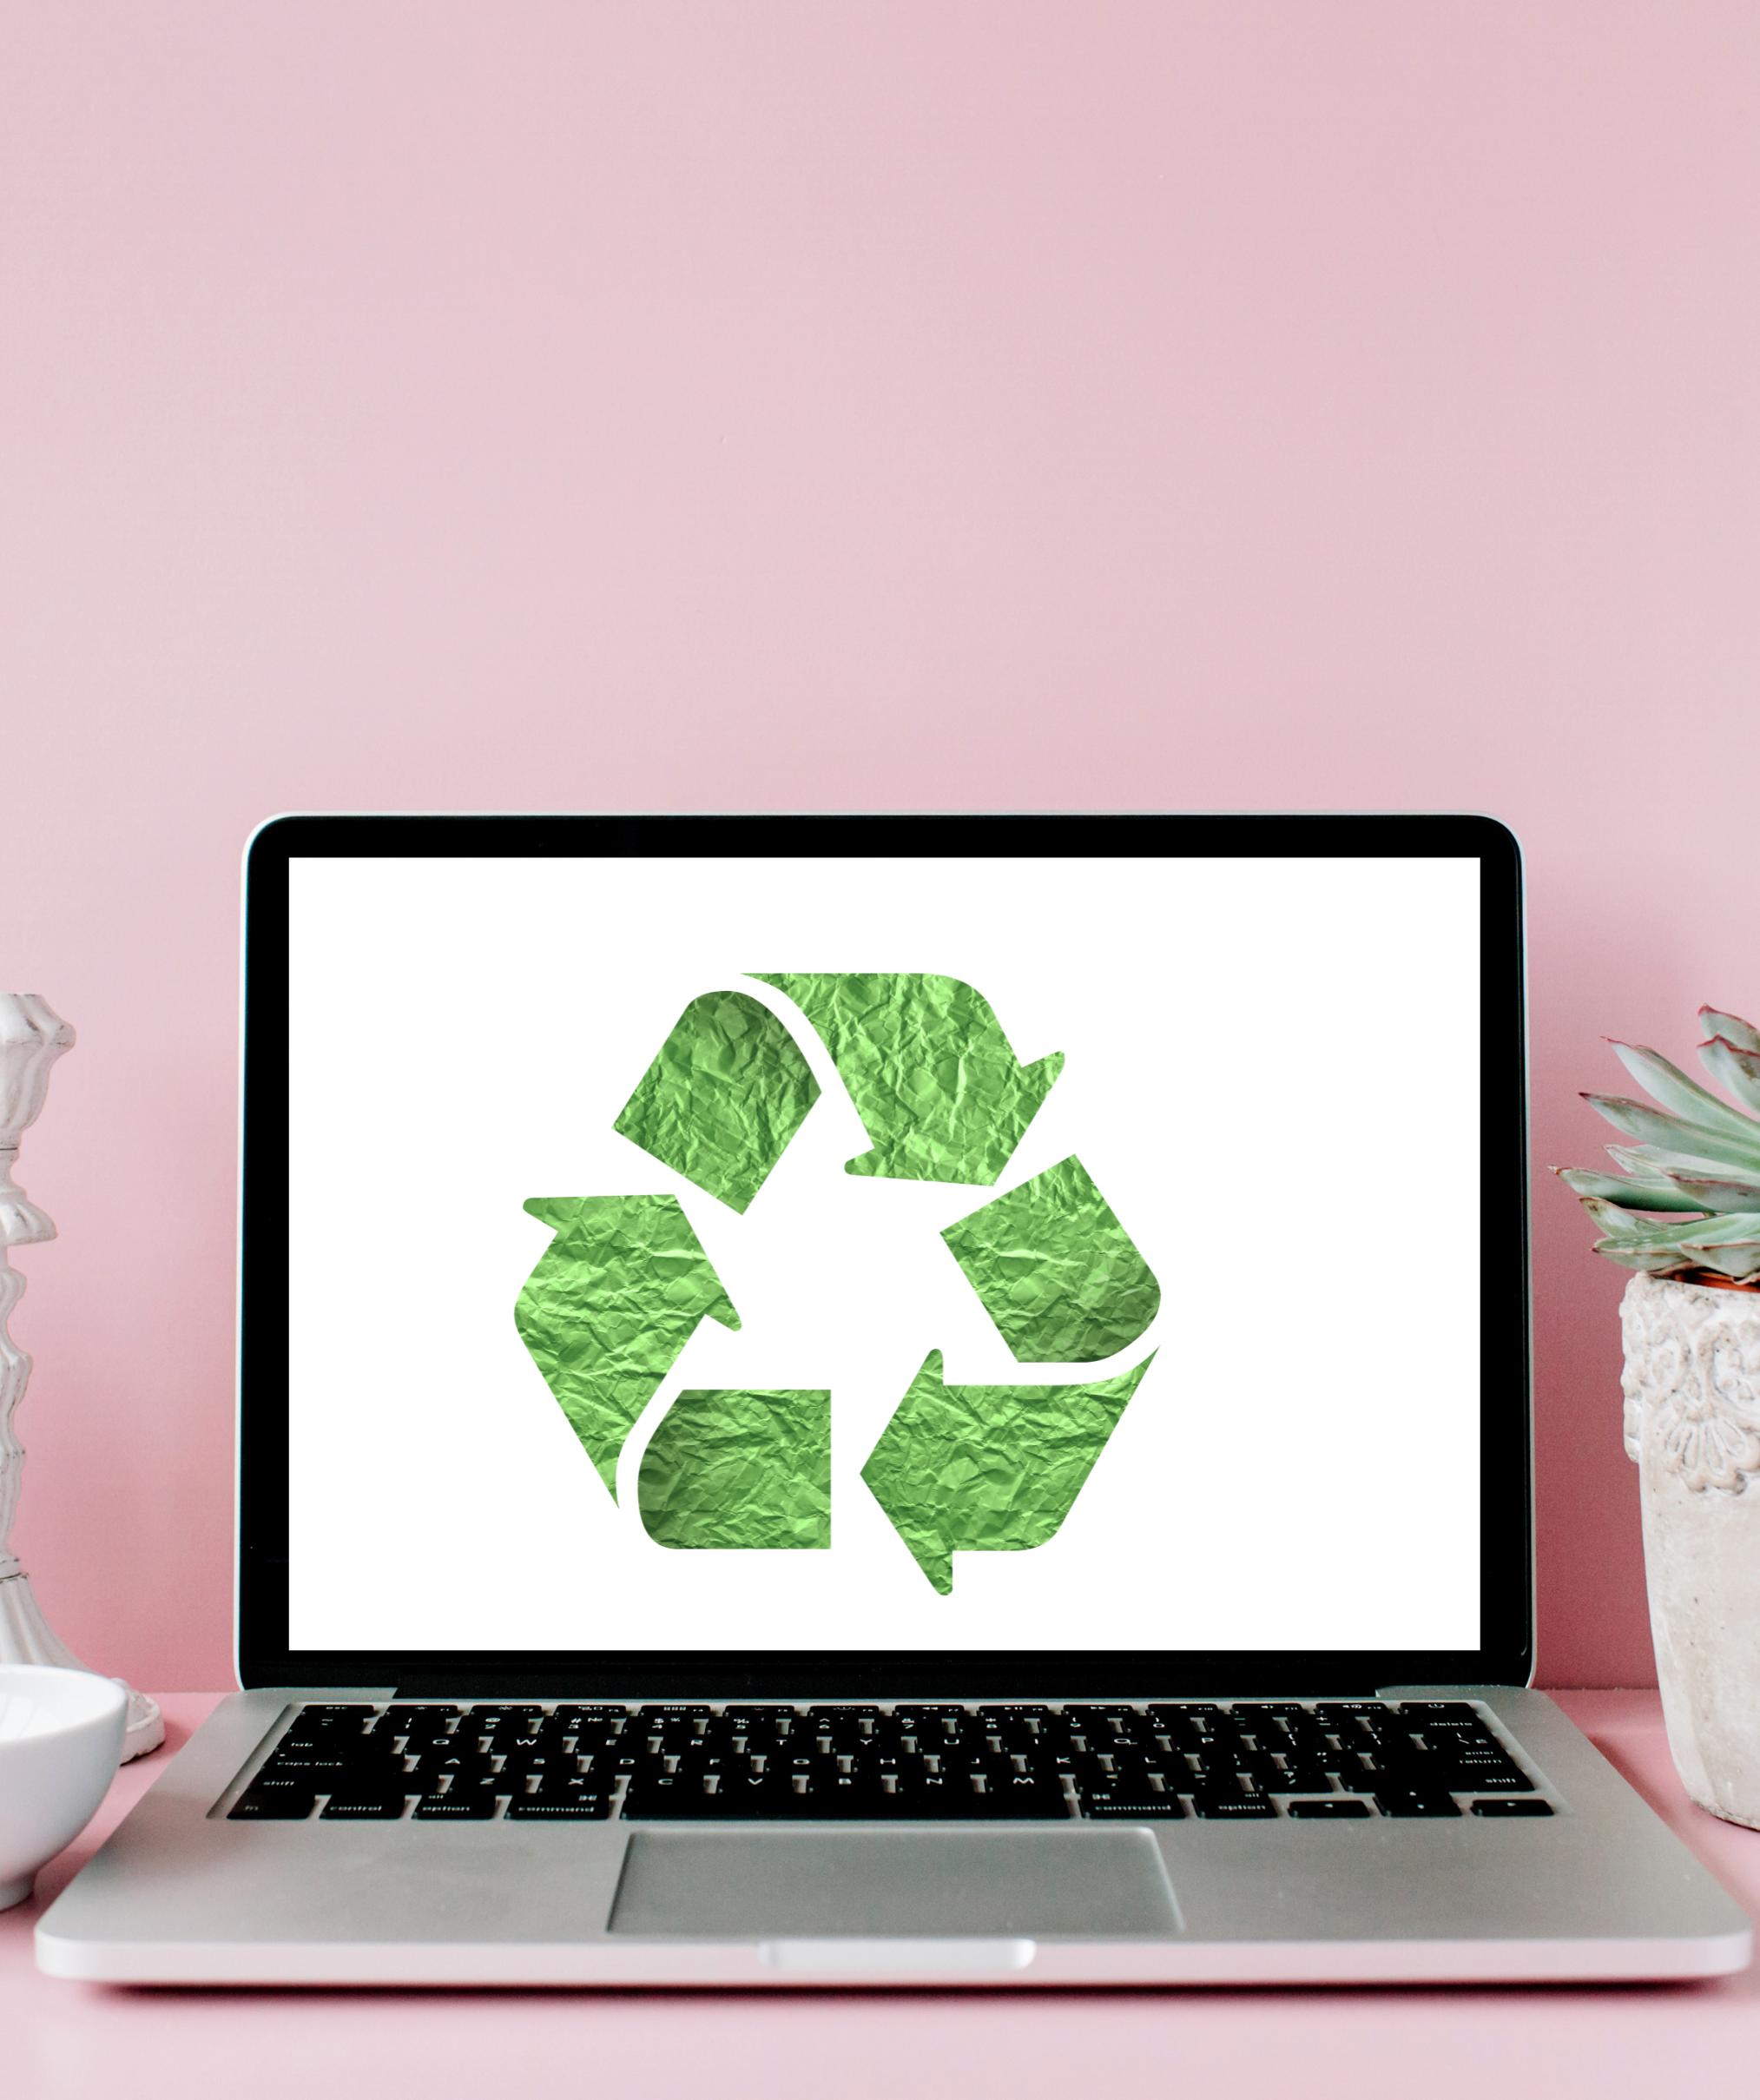 Mitől környezetbarátabbak a használt laptopok?